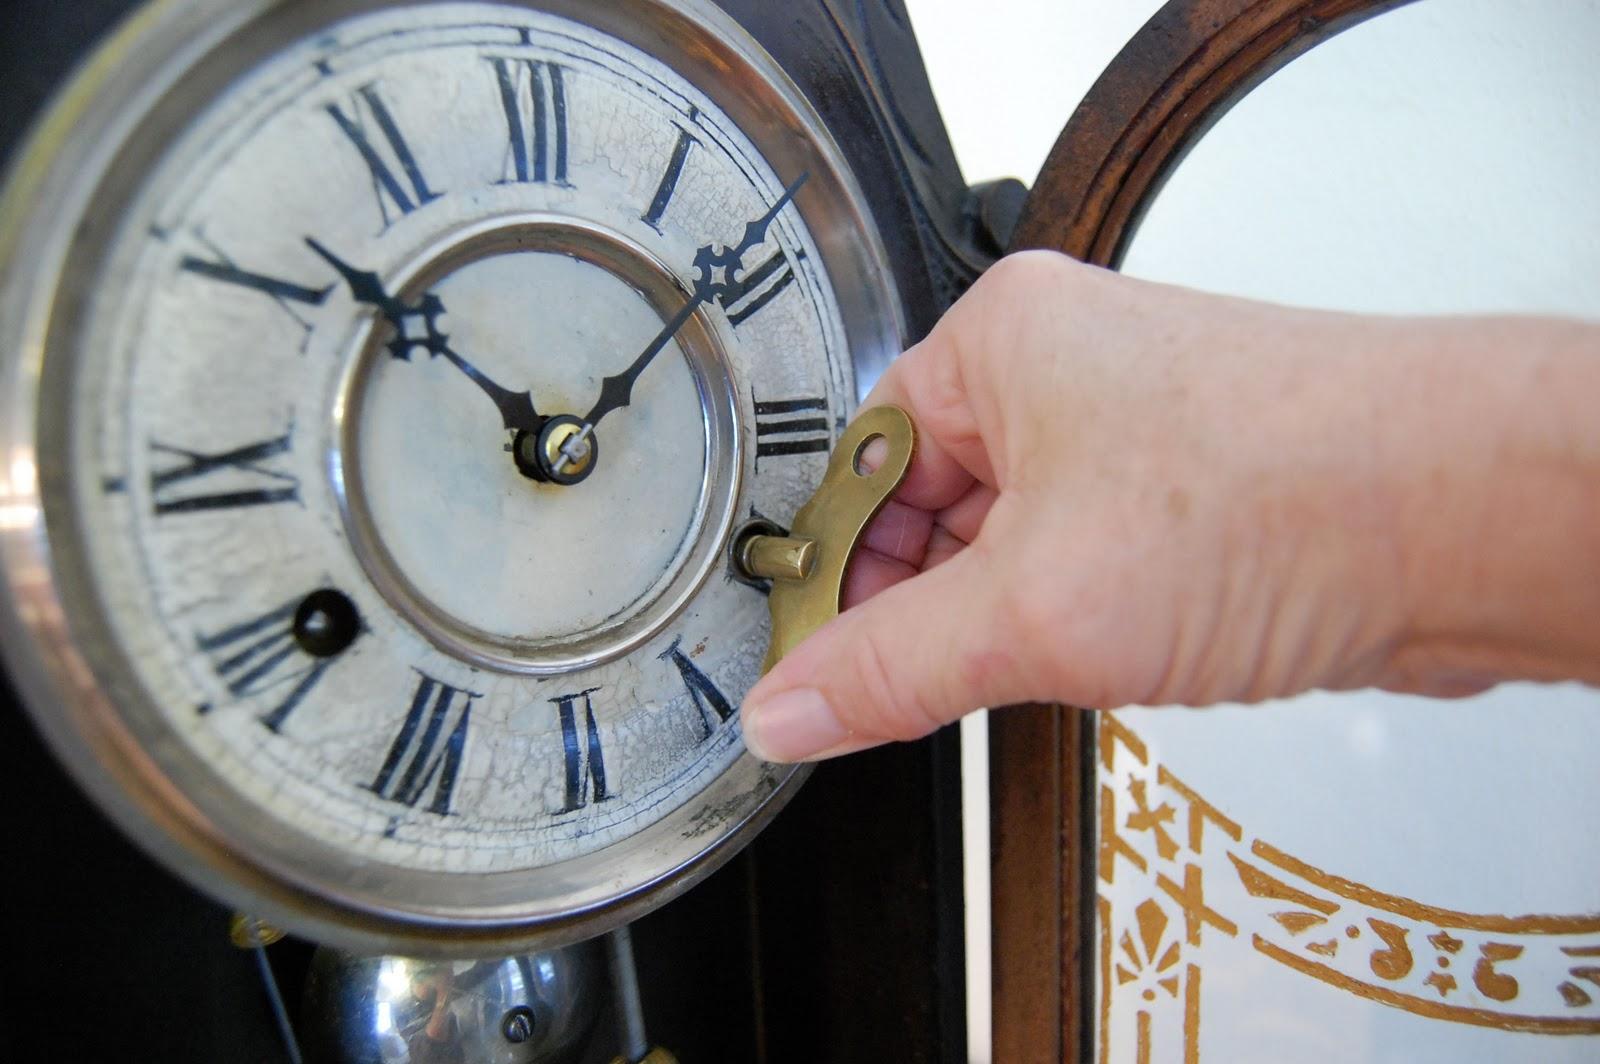 Например, не размахивая руками при ходьбе, дабы не допустить столкновения часов со стенами и углами.